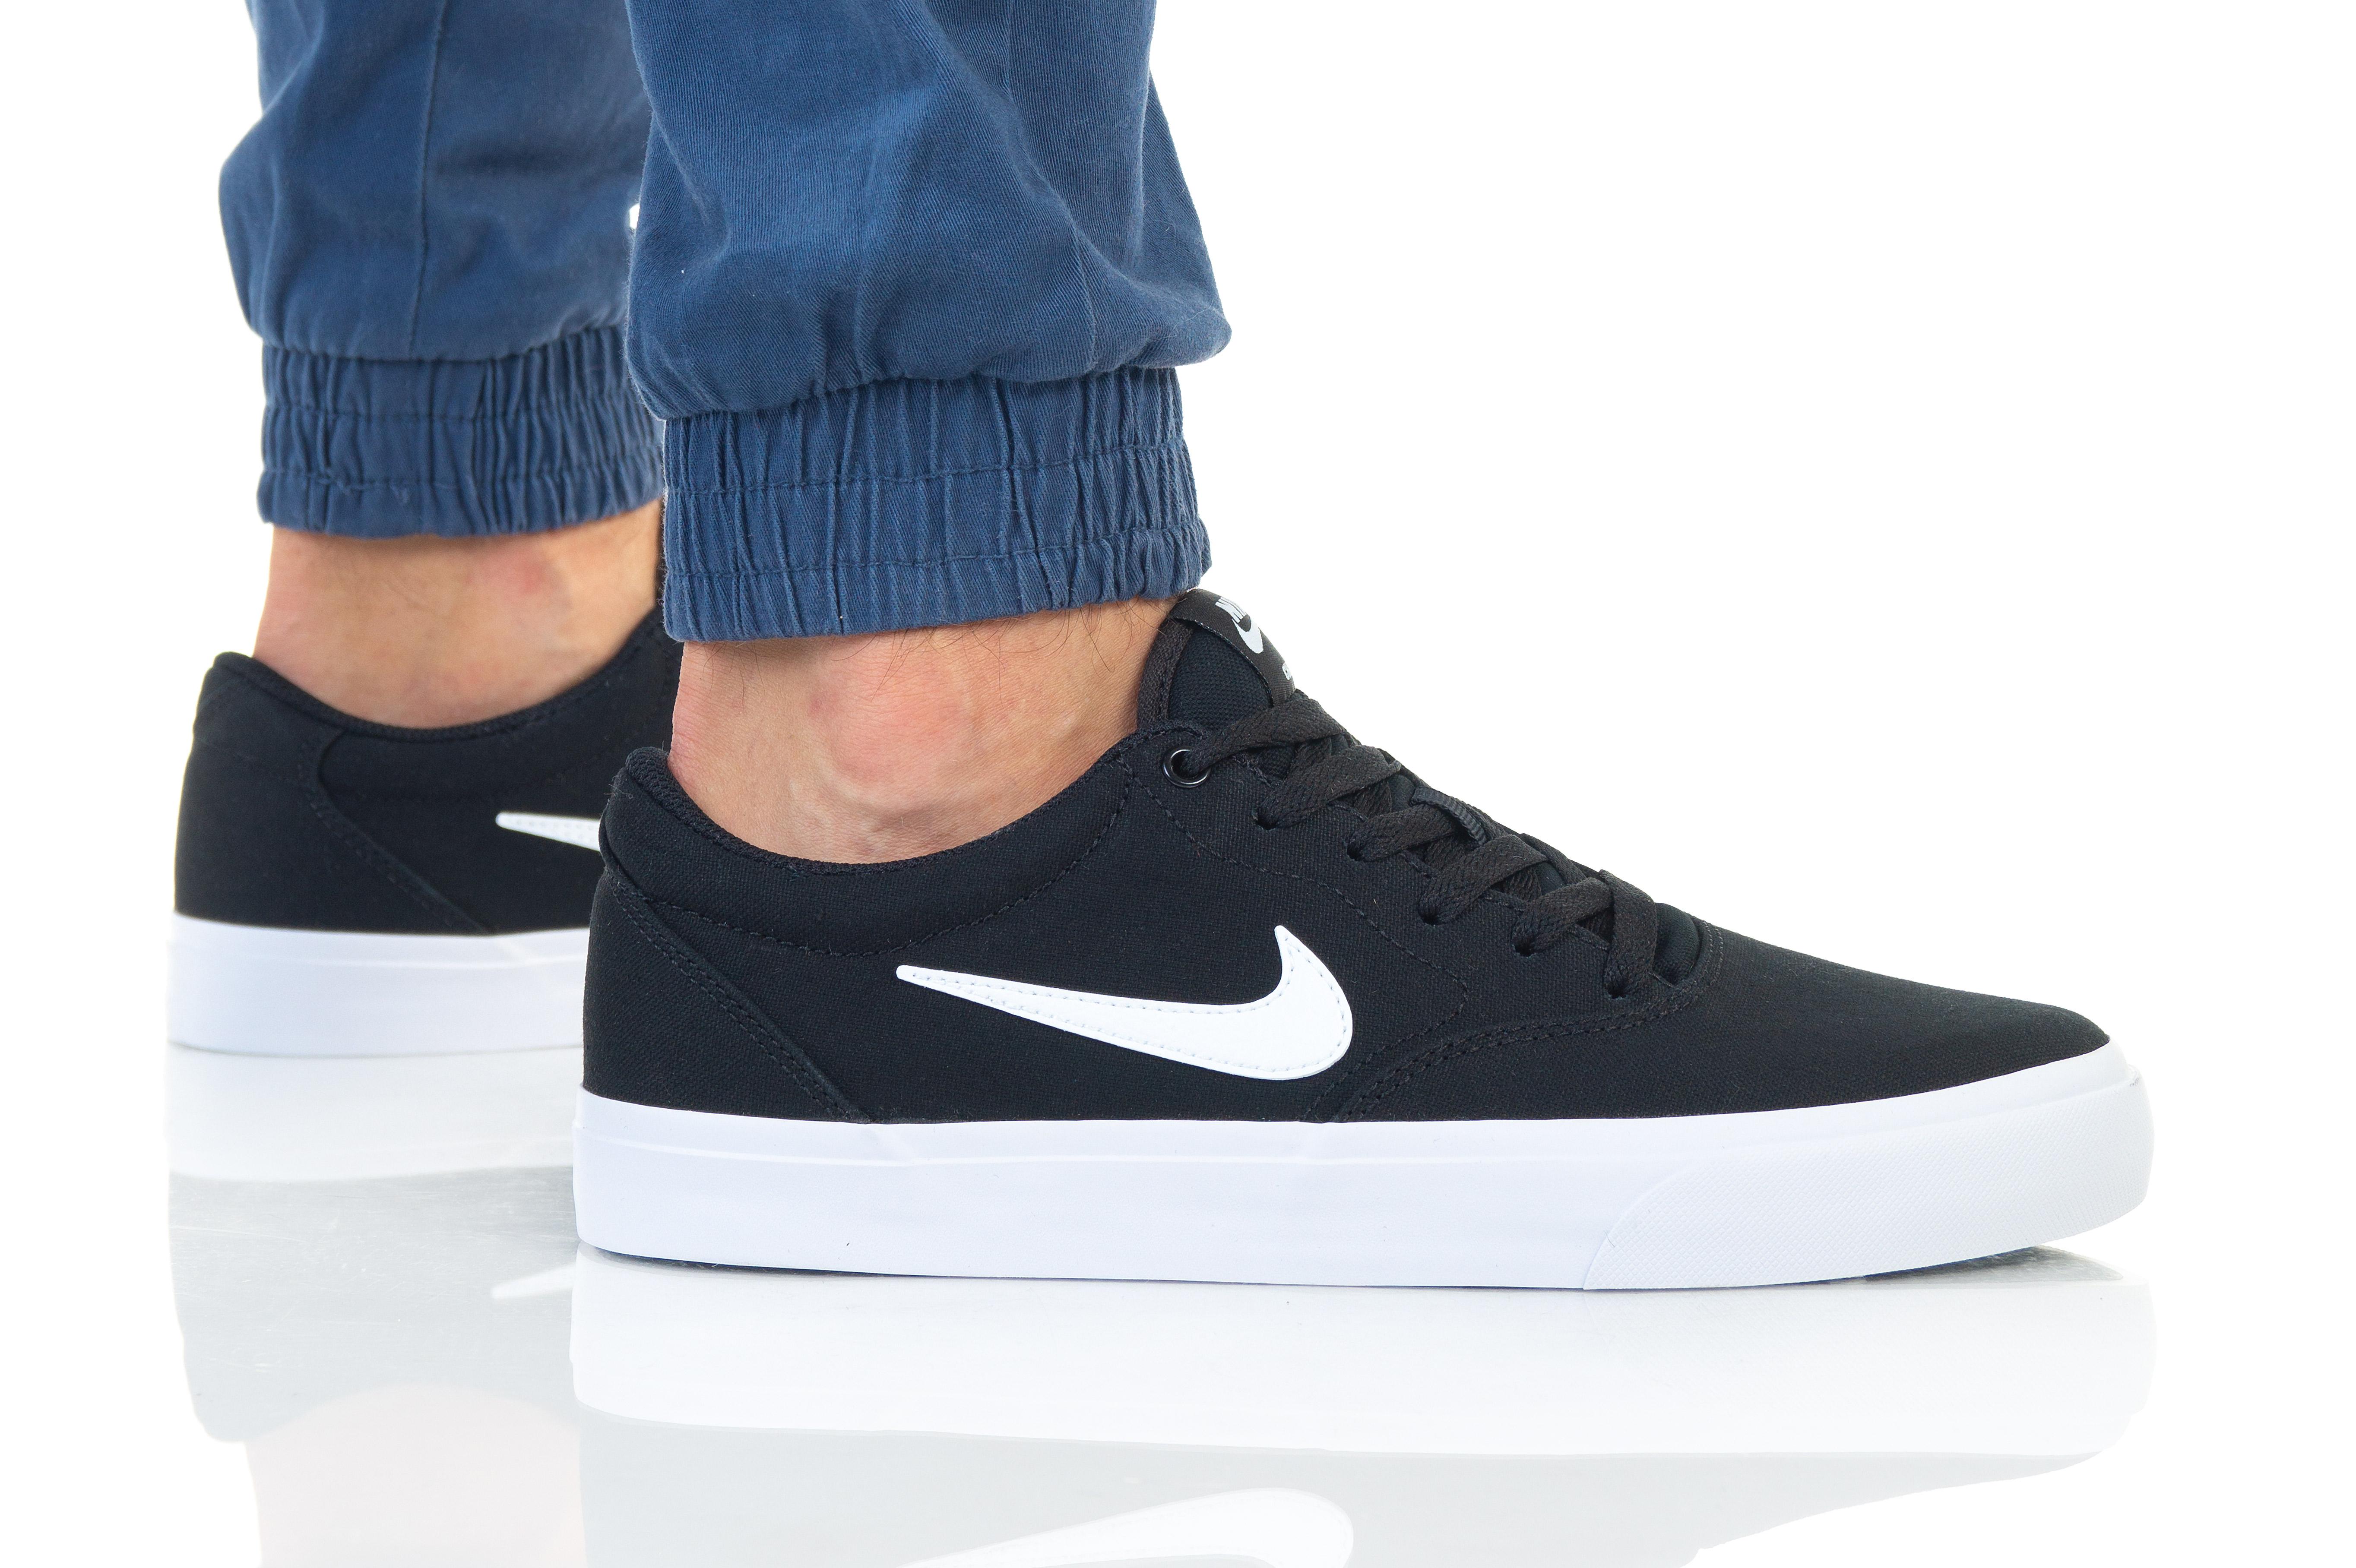 נעליים נייק לגברים Nike SB CHARGE SLR - לבן/שחור